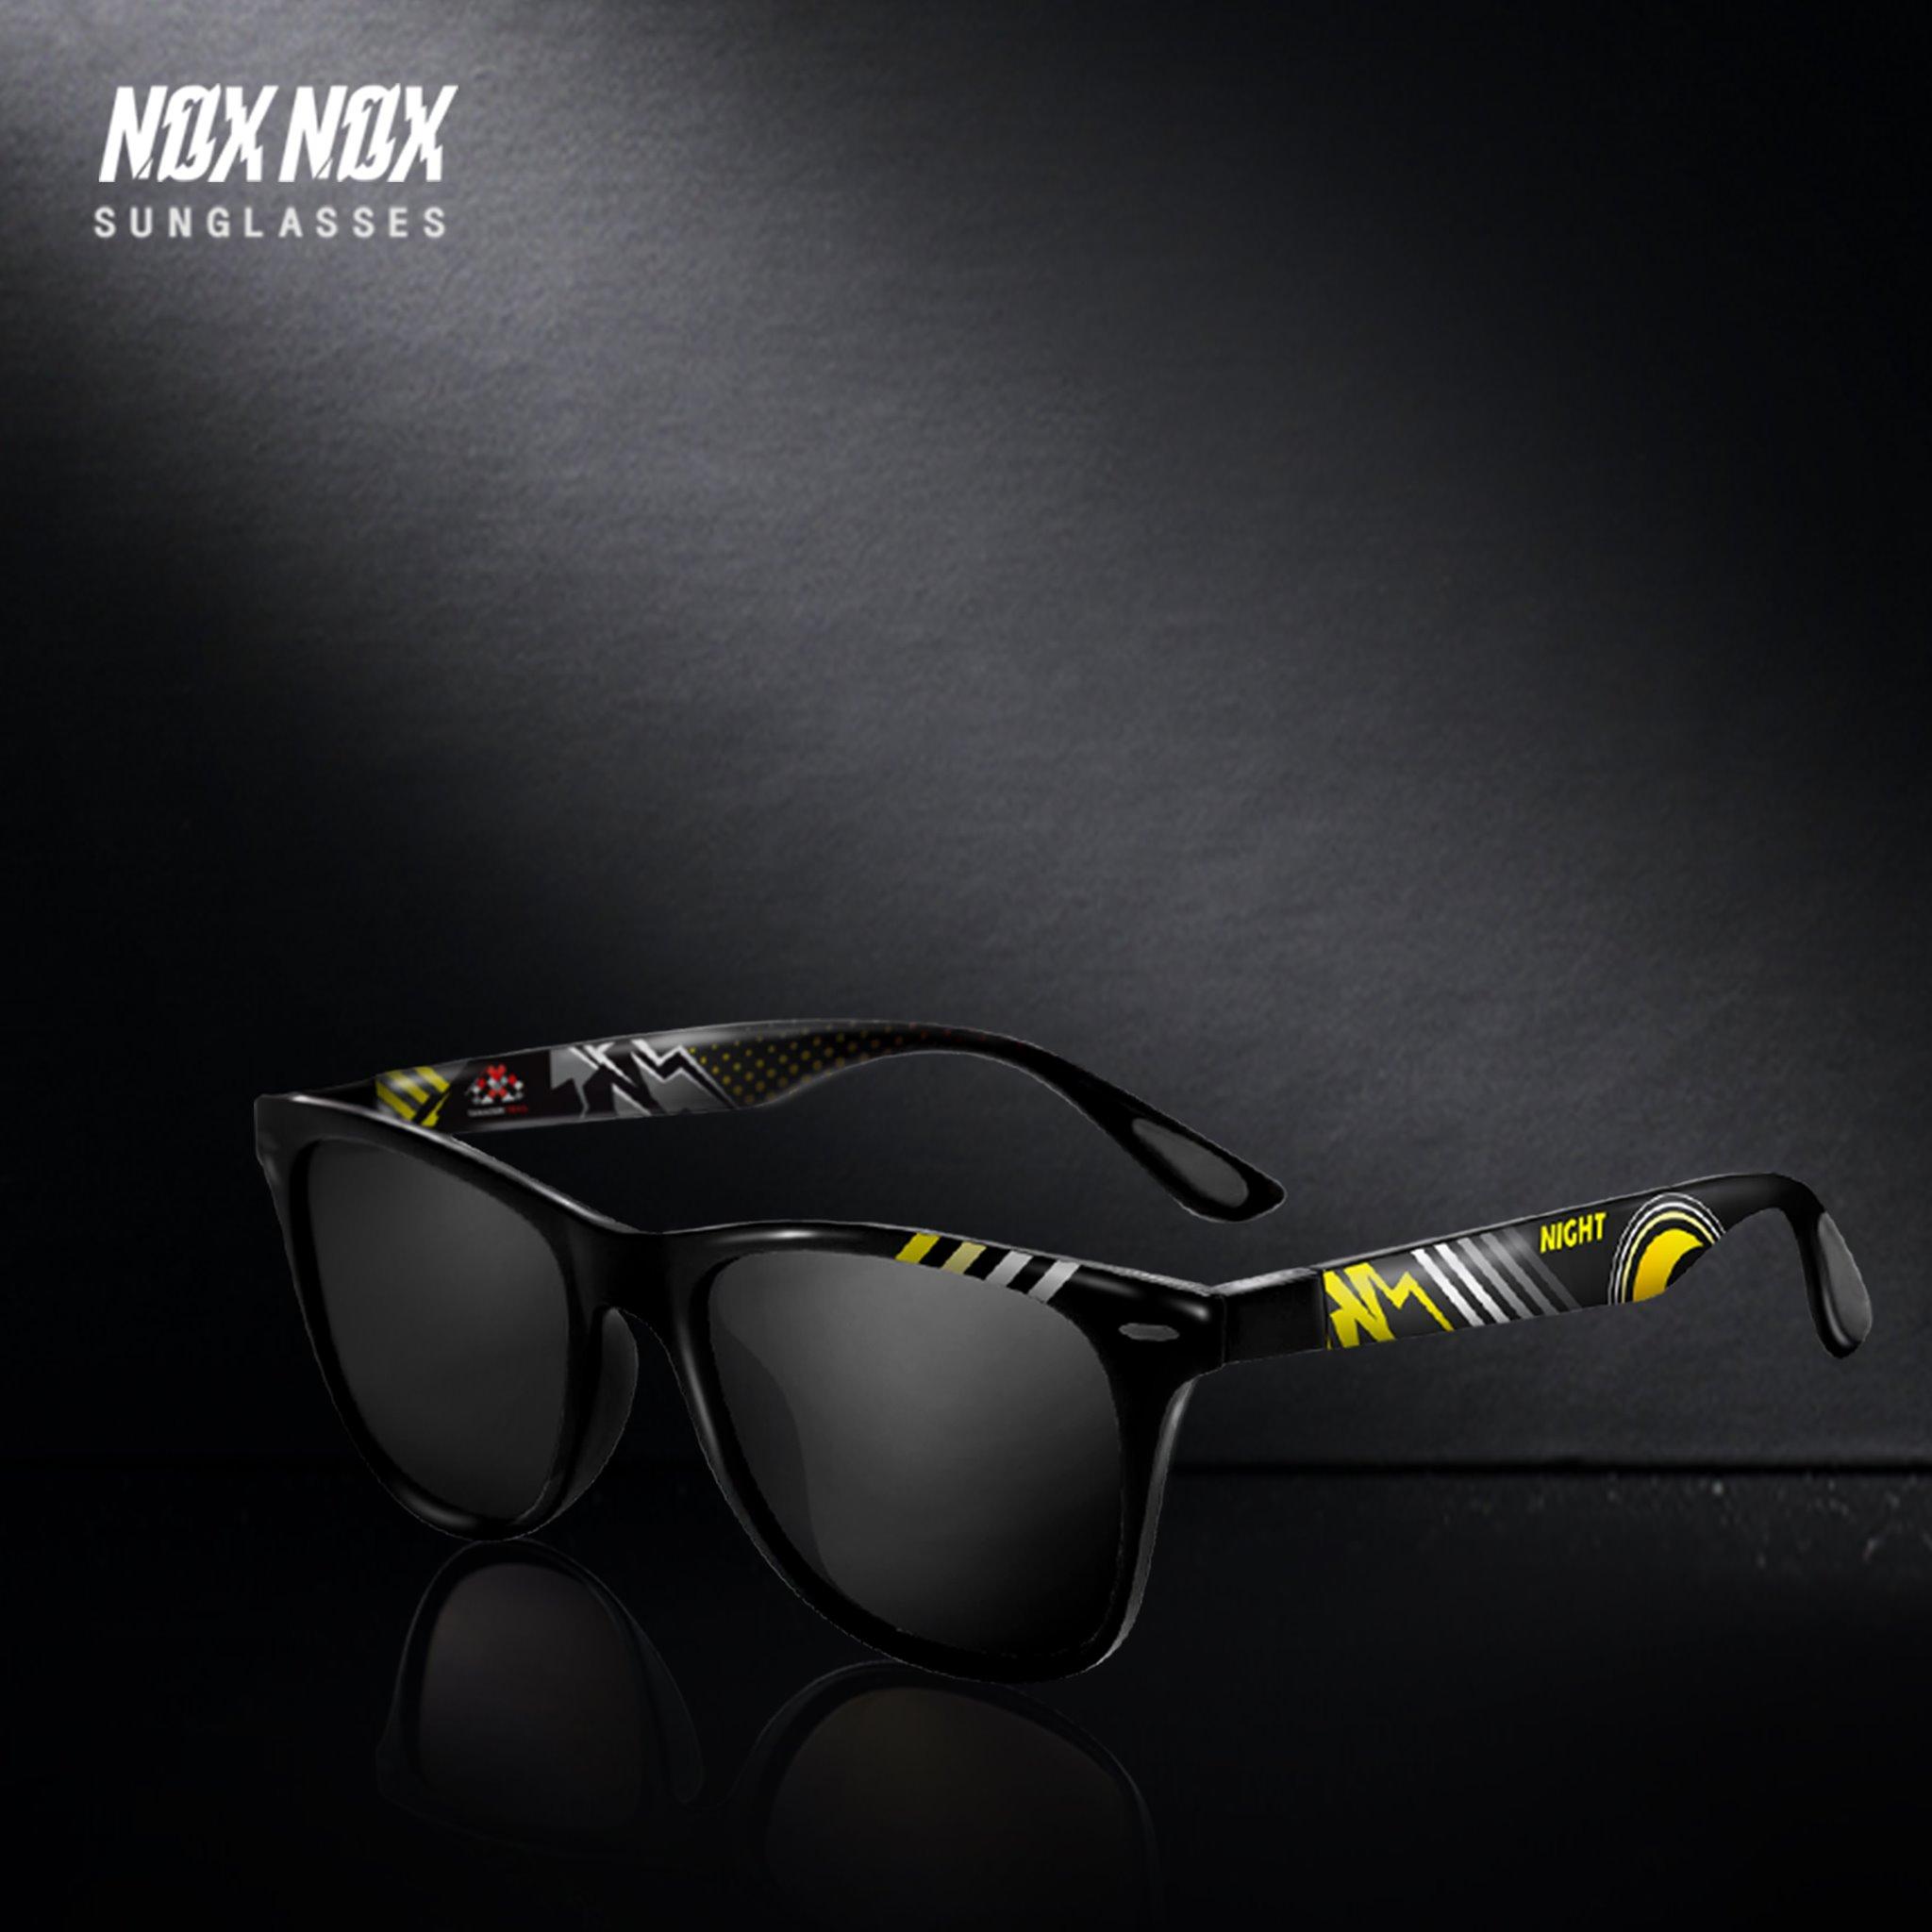 NOX NOX - Tanaosri Trail BLACK 6